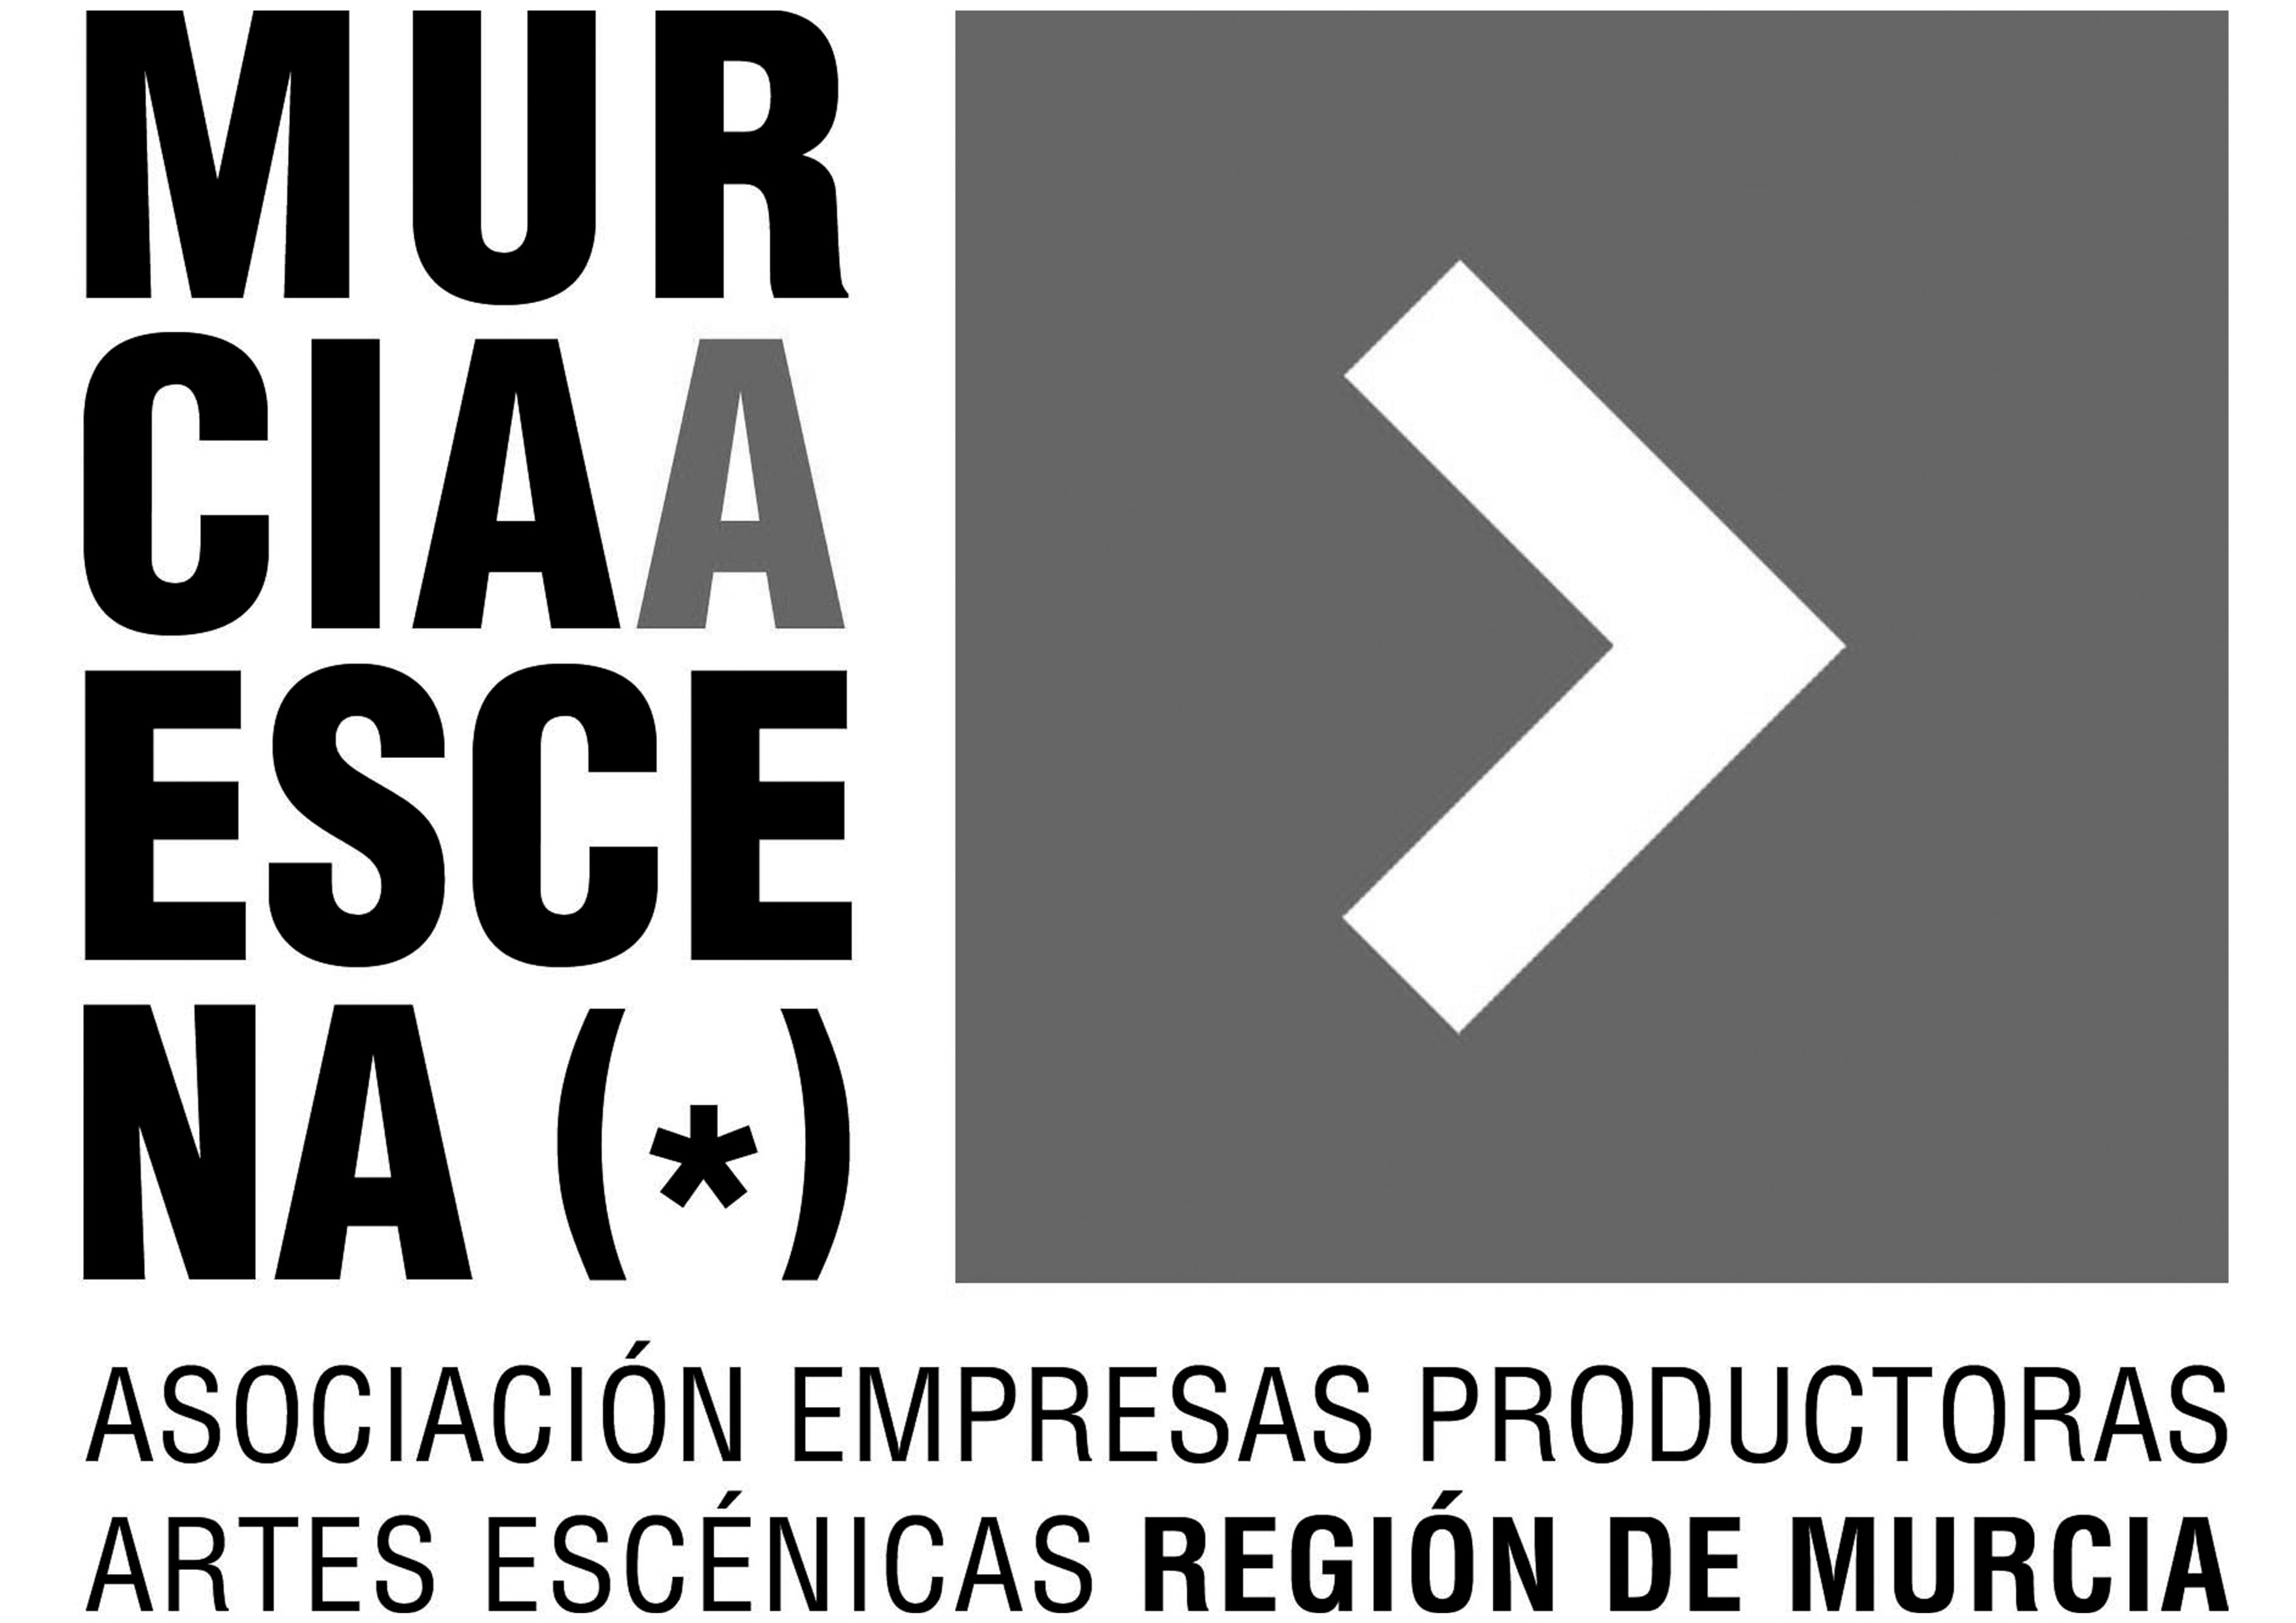 LOGOS - MurciaAEscena - EGrises